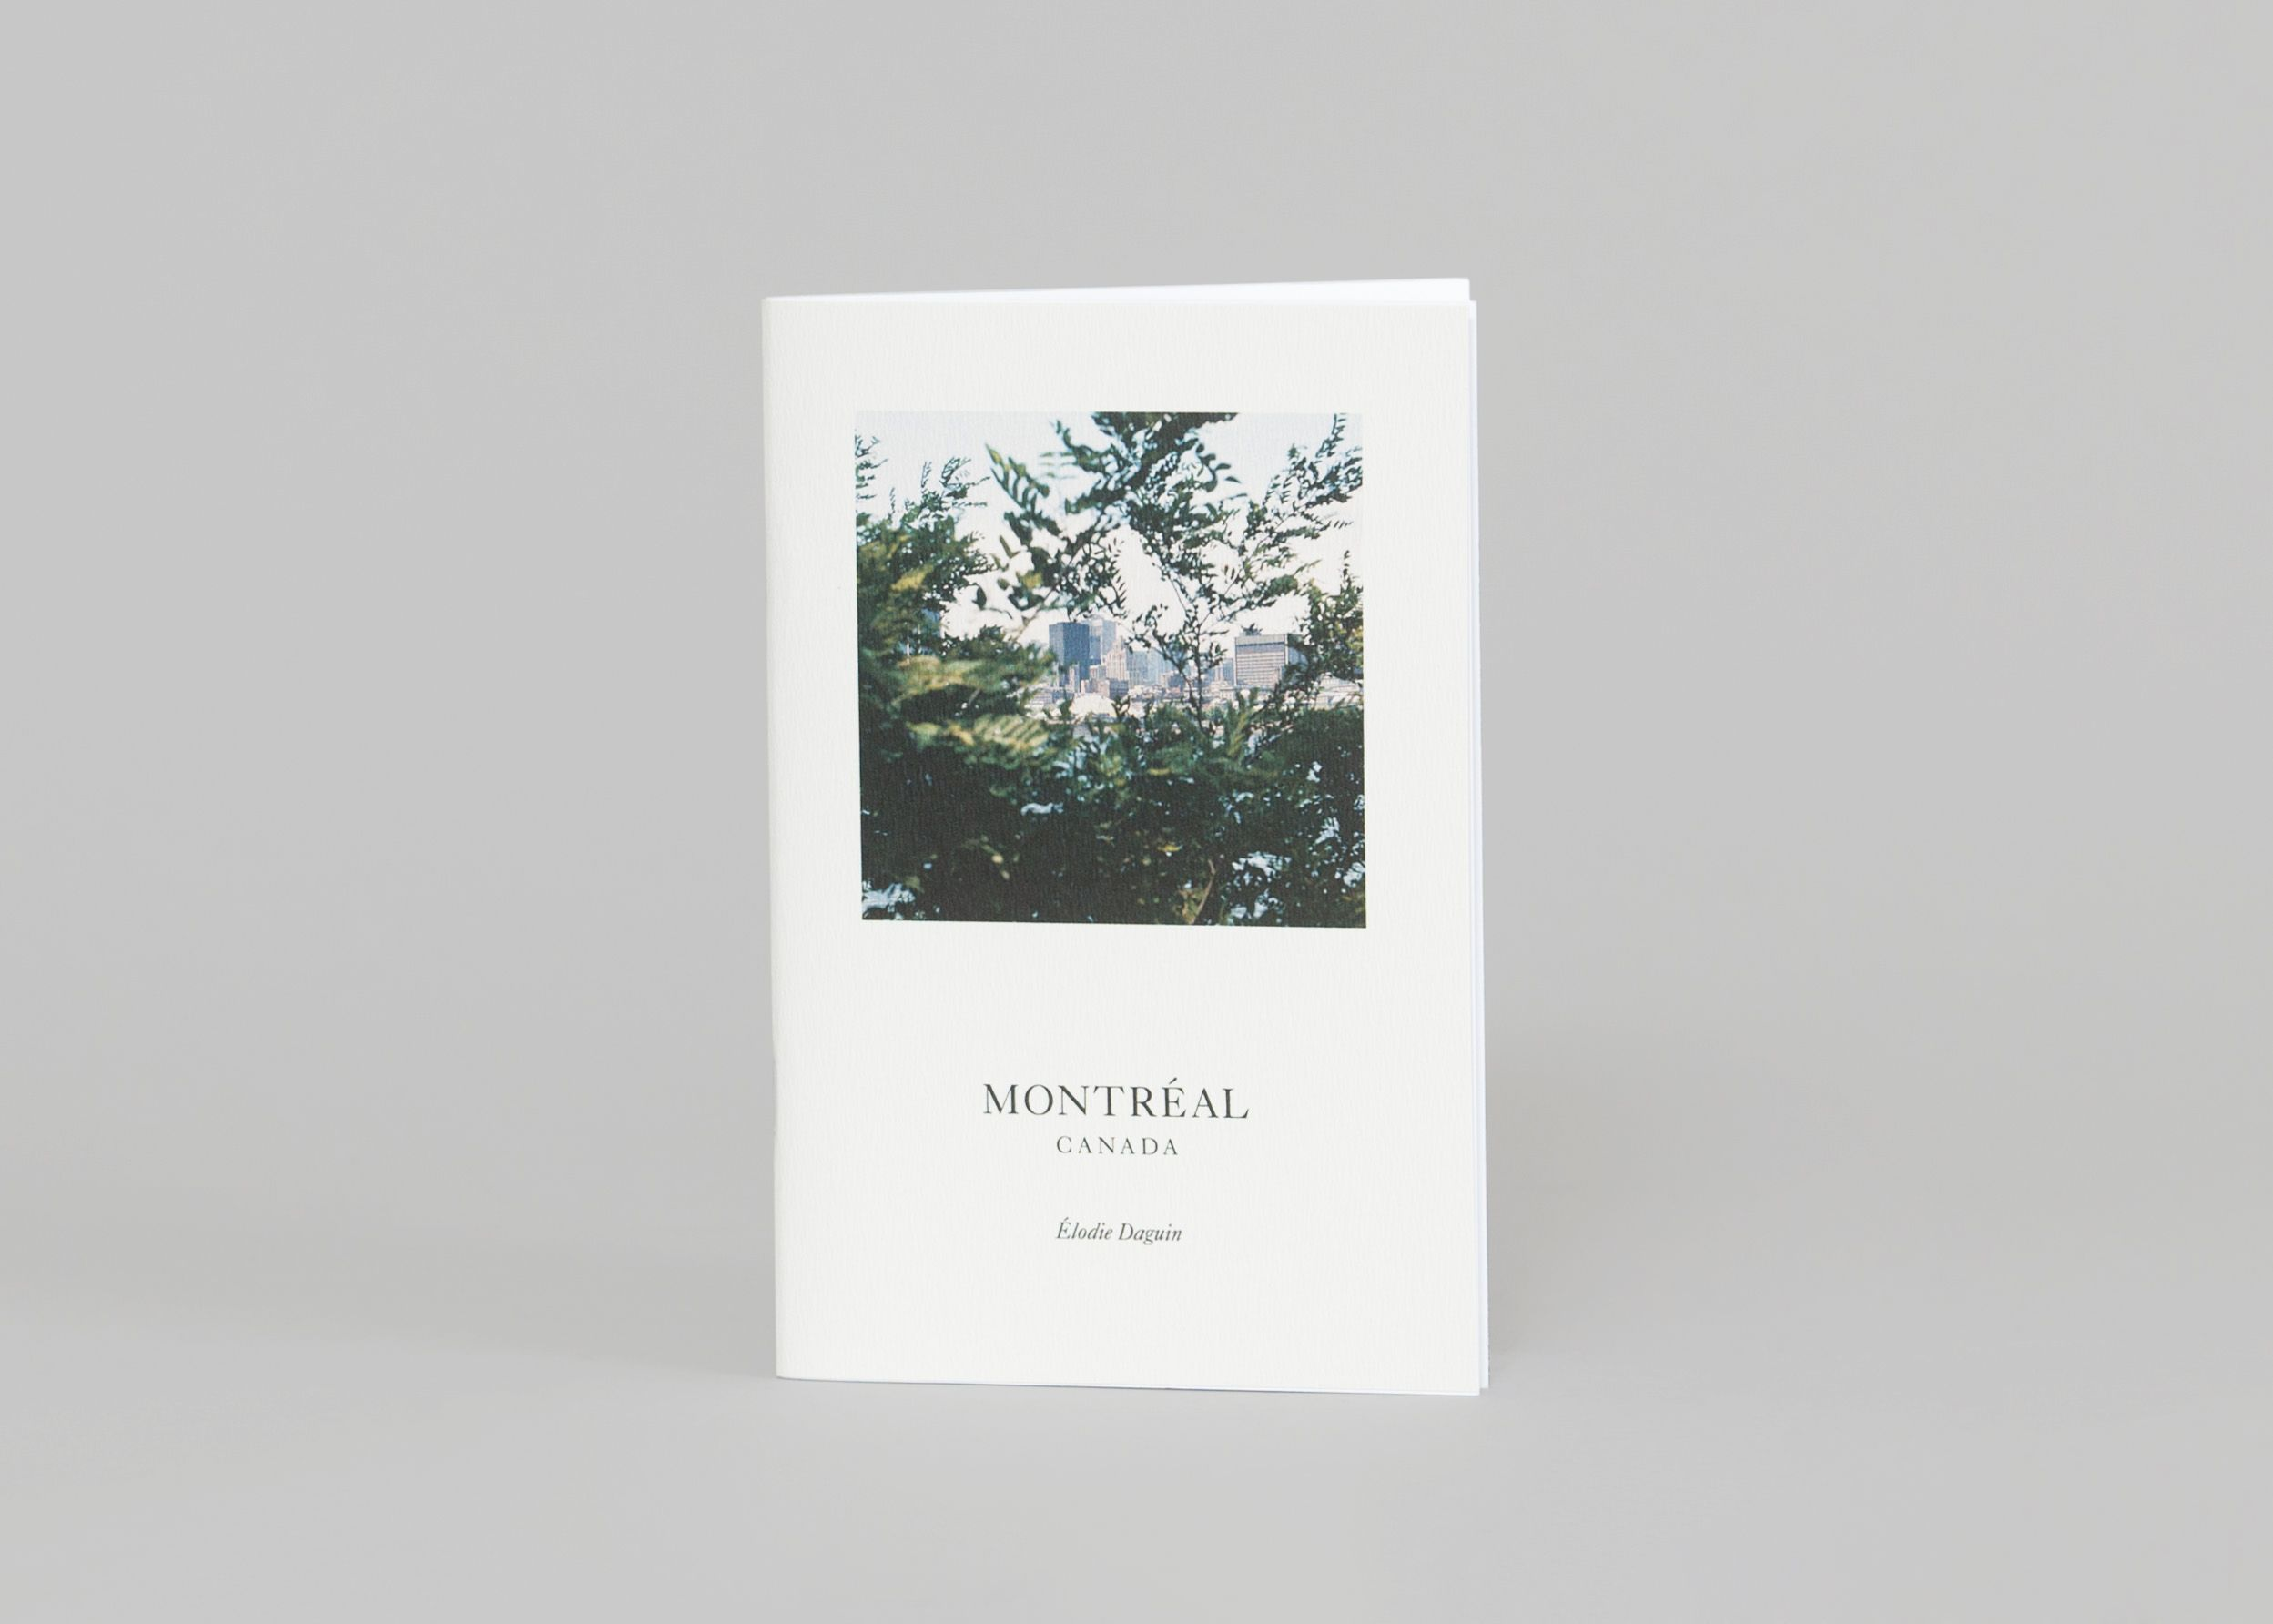 Album Montréal - La Librairie